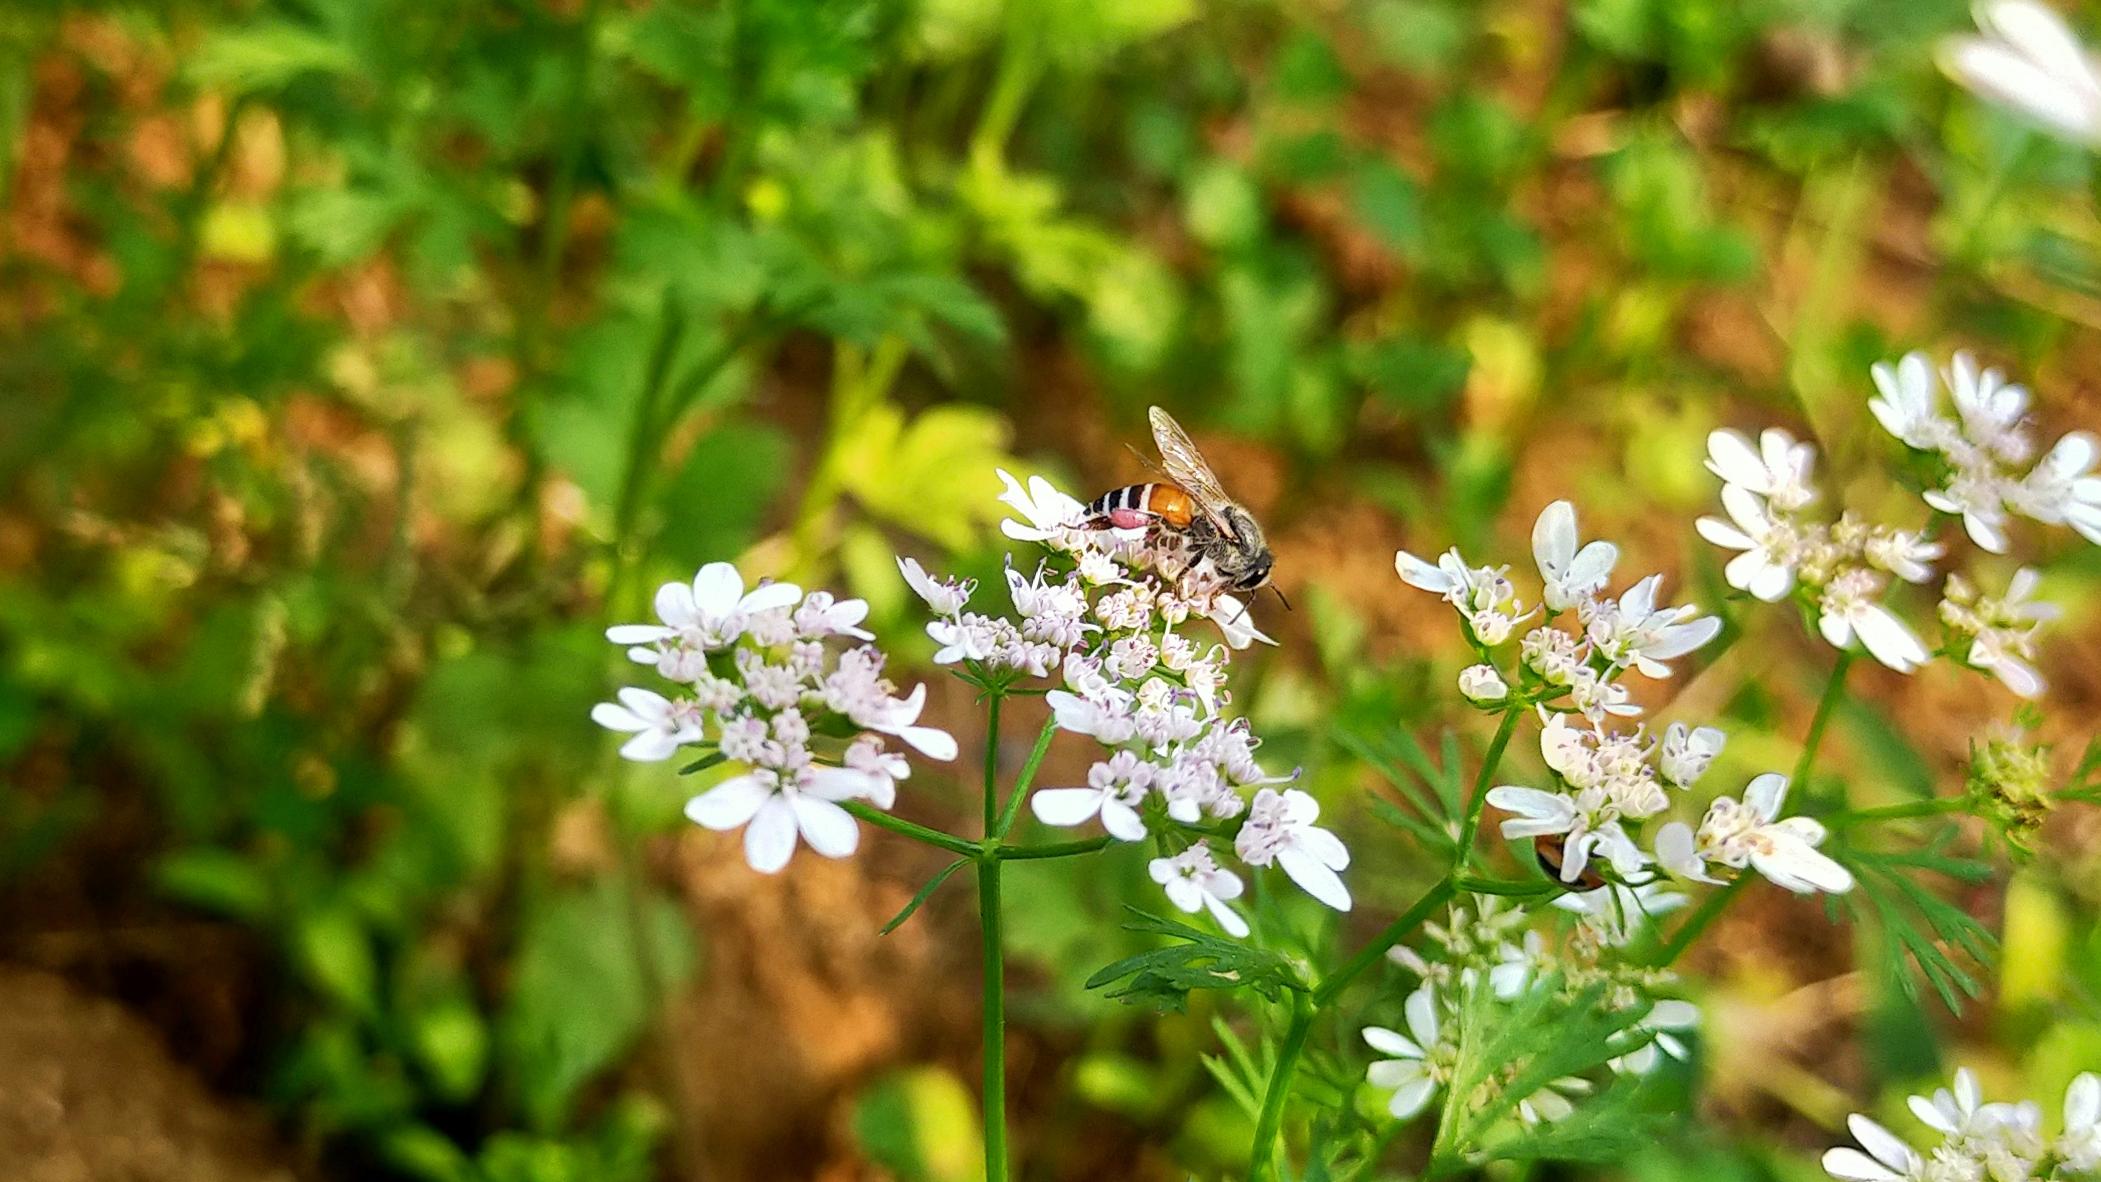 A honeybee on flower